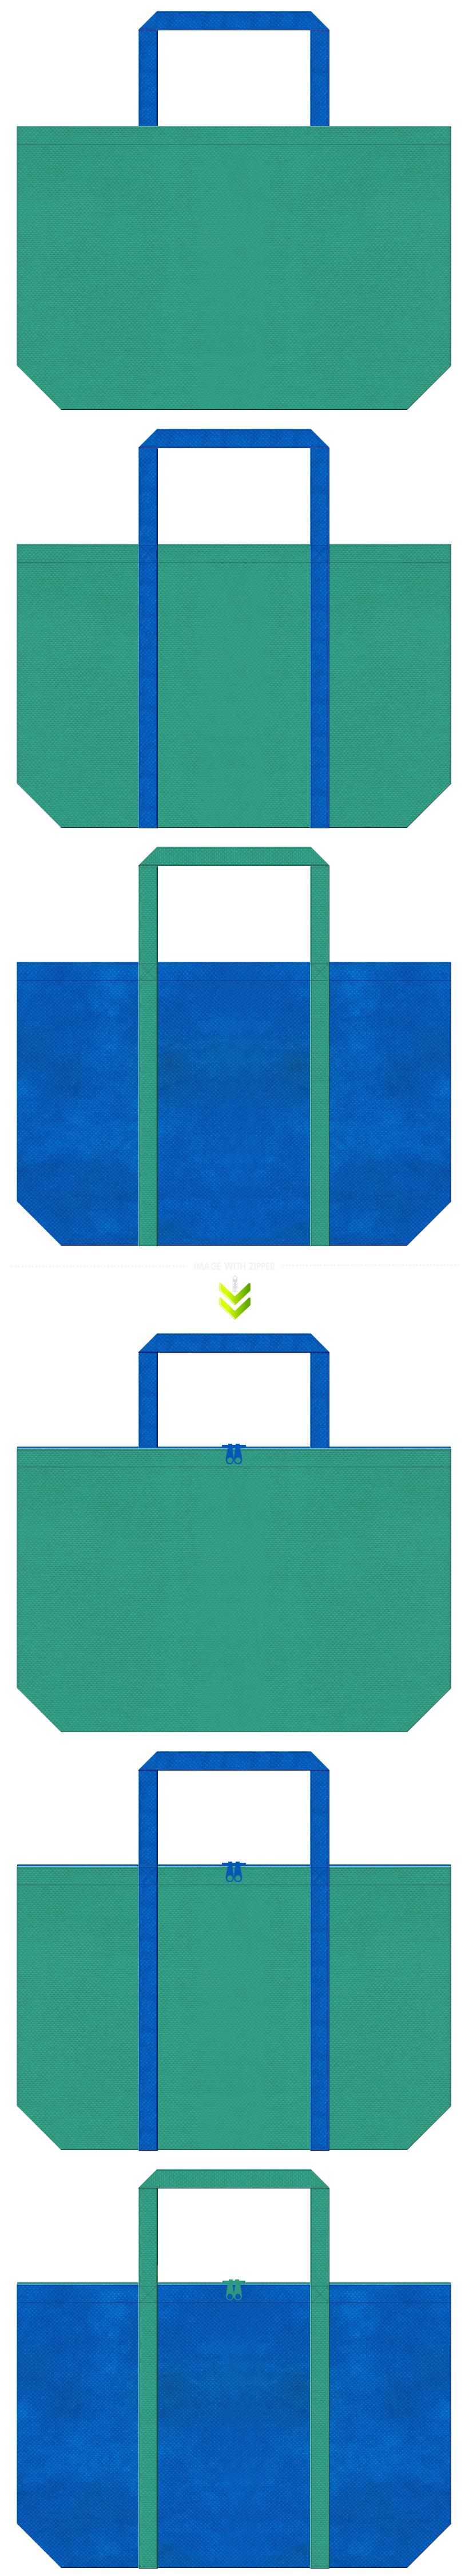 不織布トートバッグ 舟底タイプ 不織布カラーNo.31ライムグリーンとNo.22スカイブルーの組み合わせ